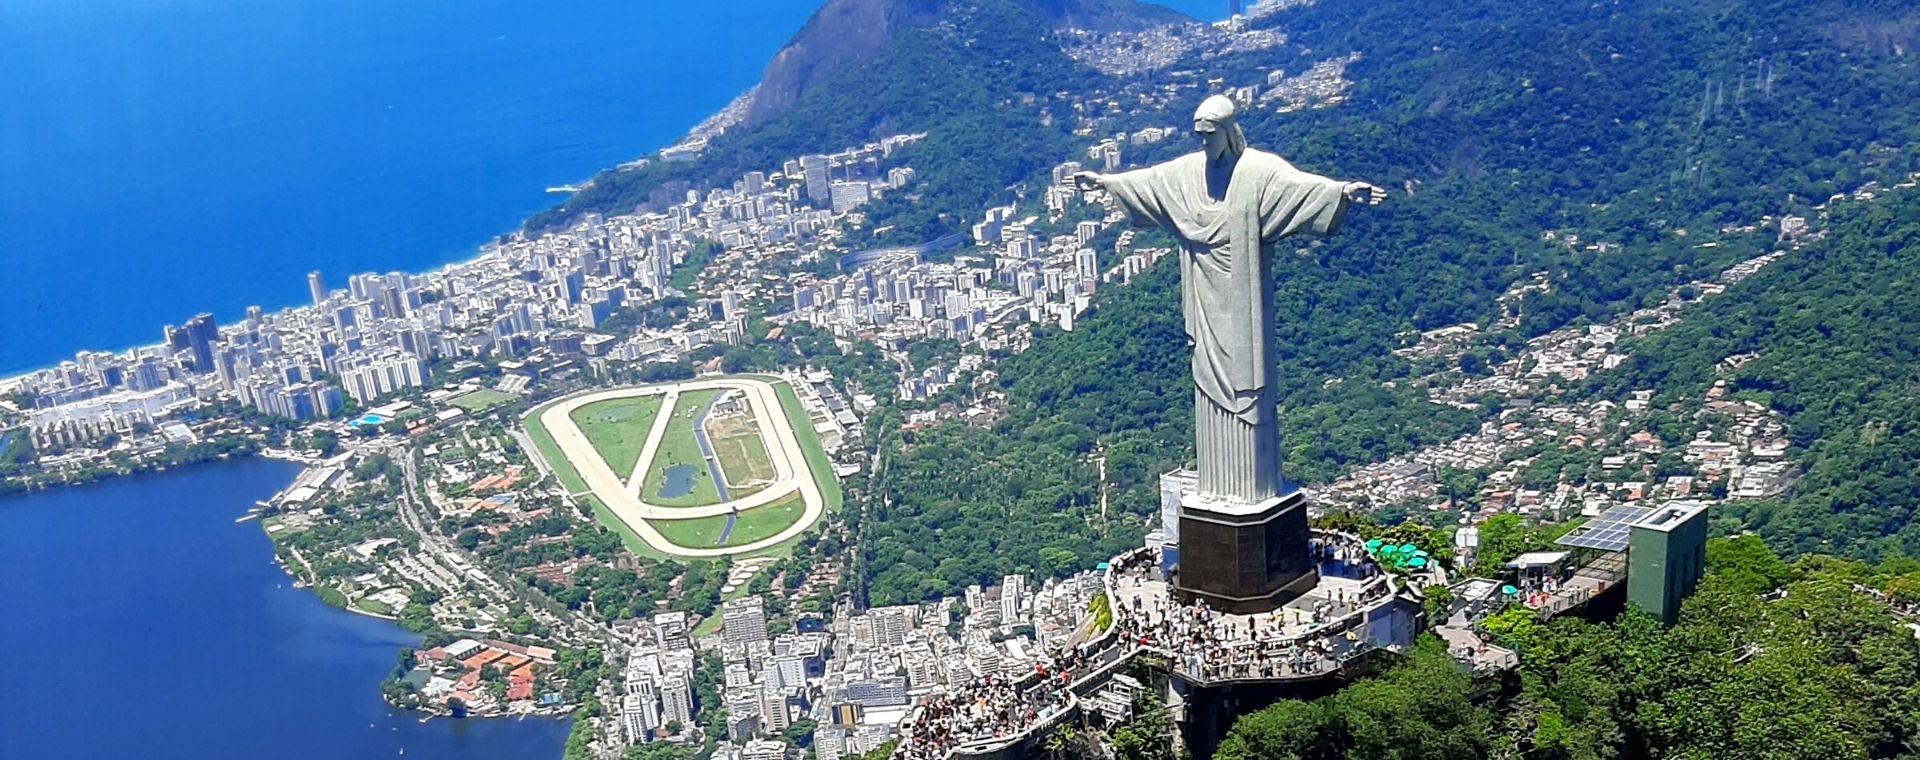 Voo de Helicóptero no Rio